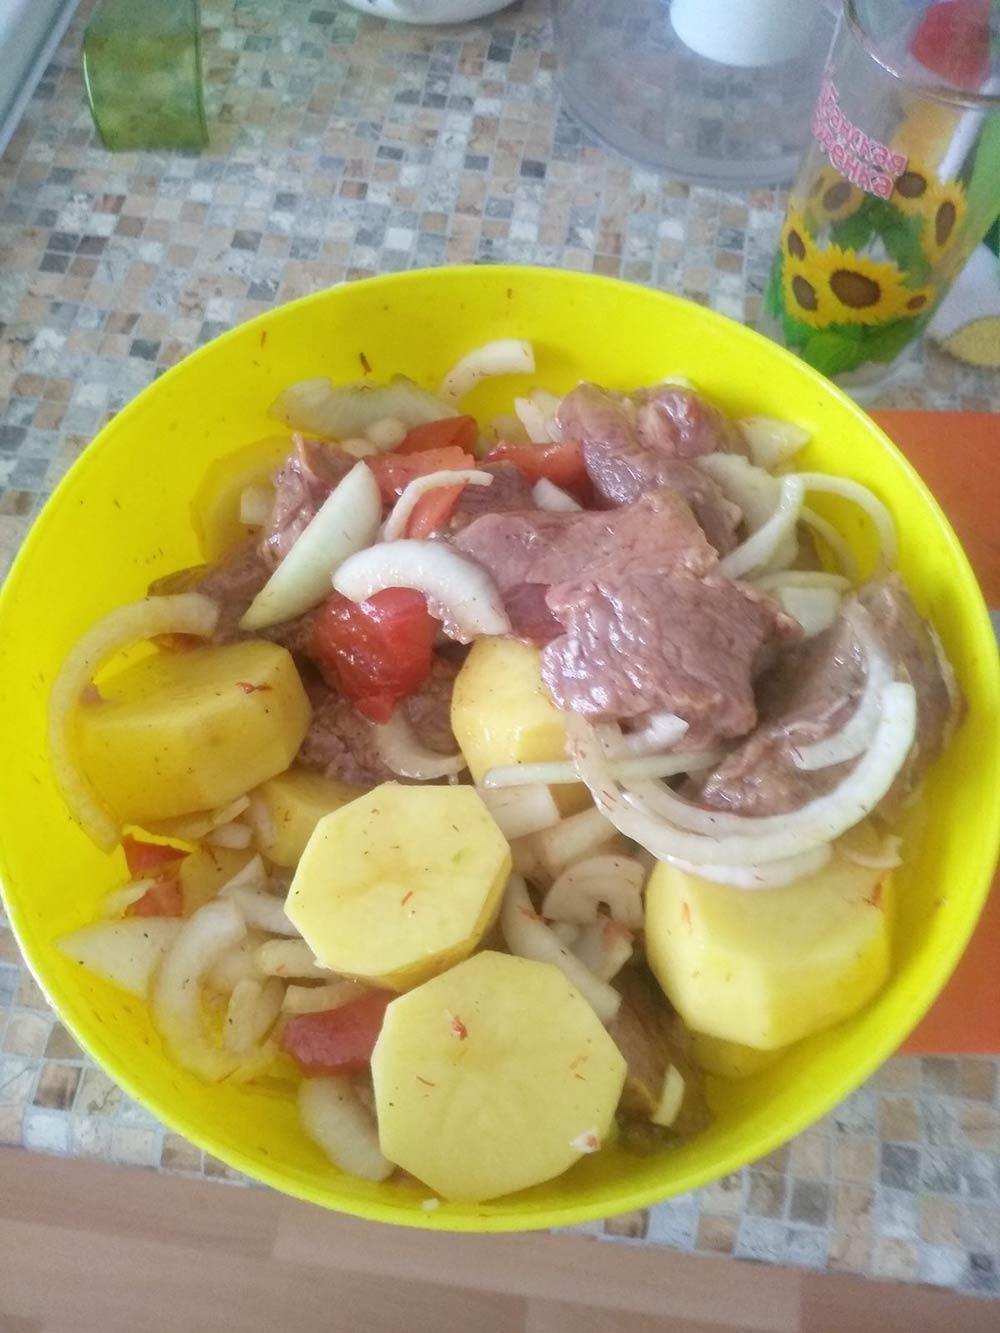 Я использую необычные рецепты из кухонь разных народов, модернизированные подимеющиеся продукты. Сегодня запек порезанную кусками говядину скартошкой, луком и помидорами